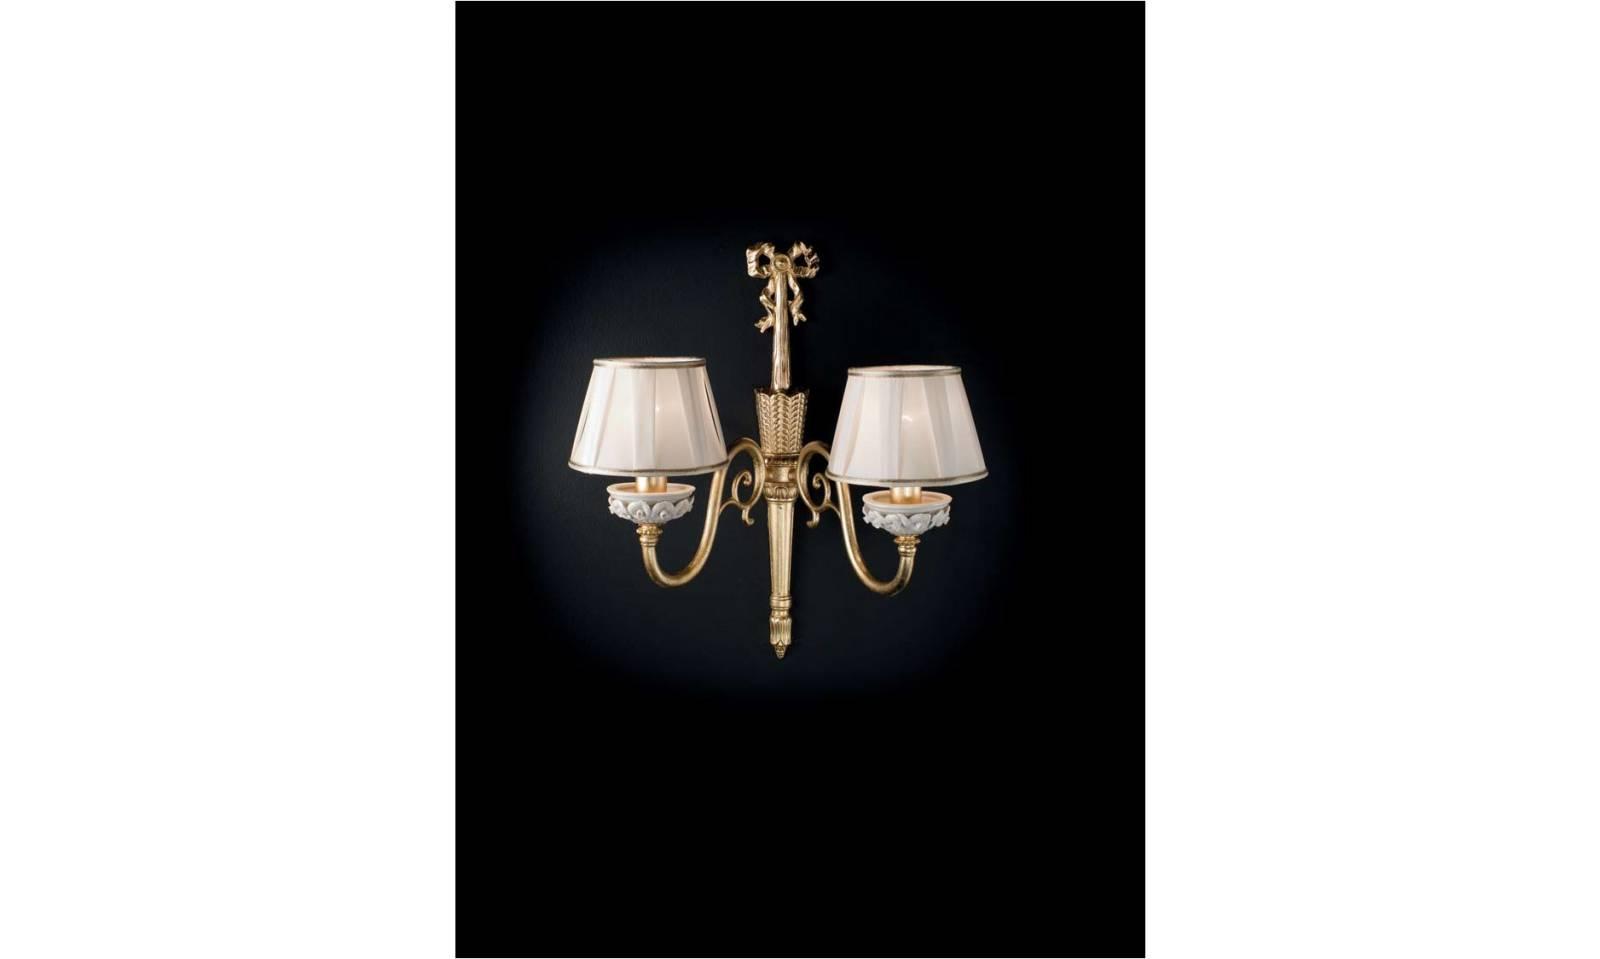 Applique luci serie fanny in ottone e limoges particolari oro